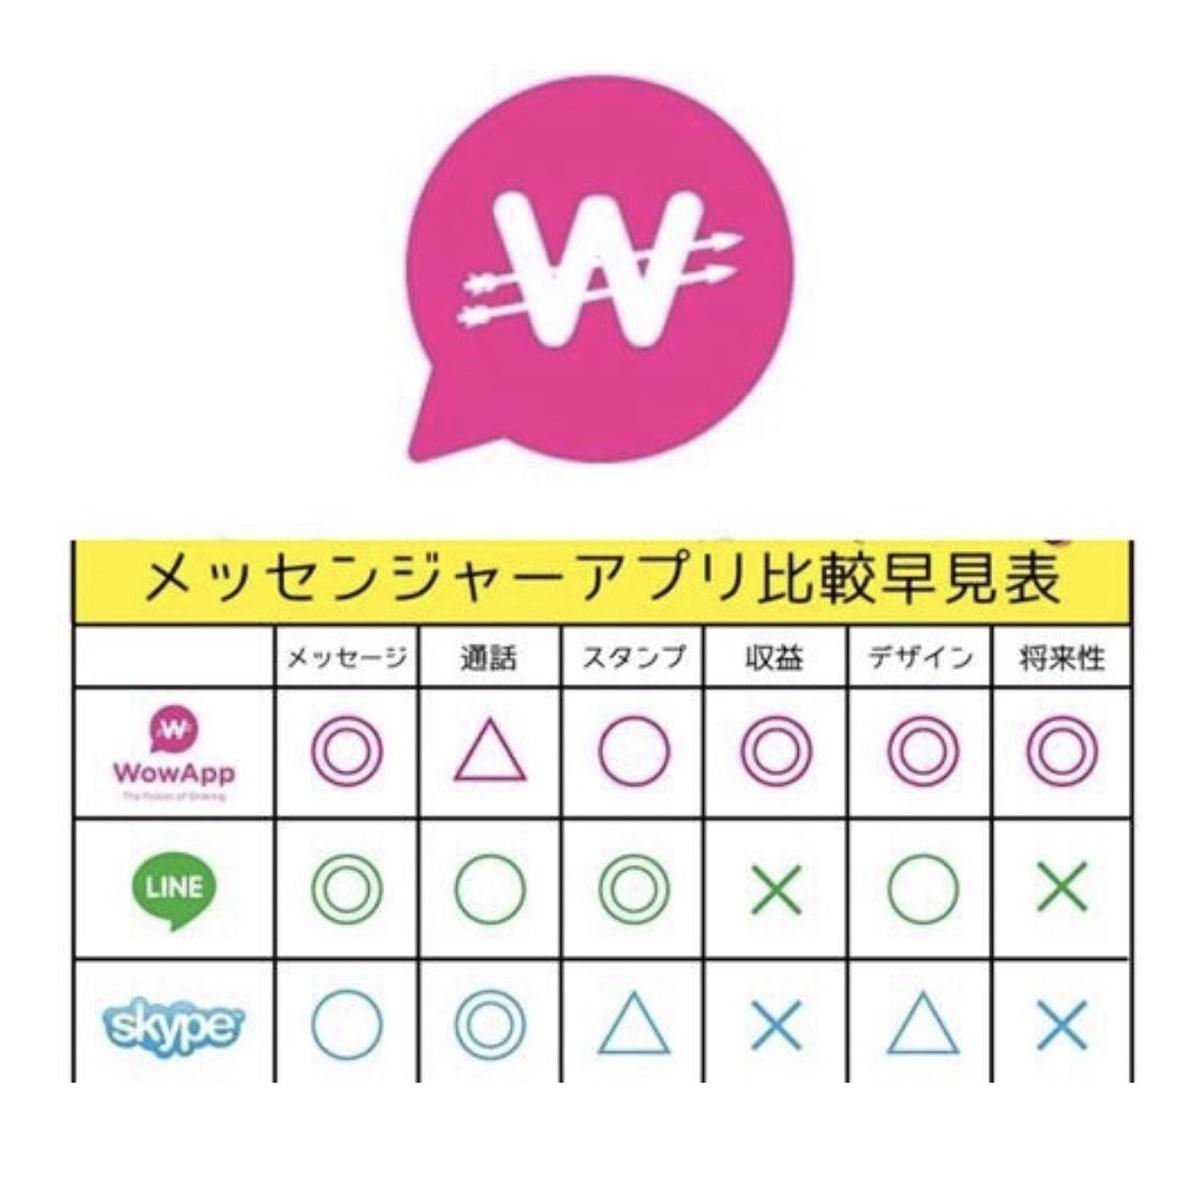 f:id:kaoruikeda:20200825124505j:plain